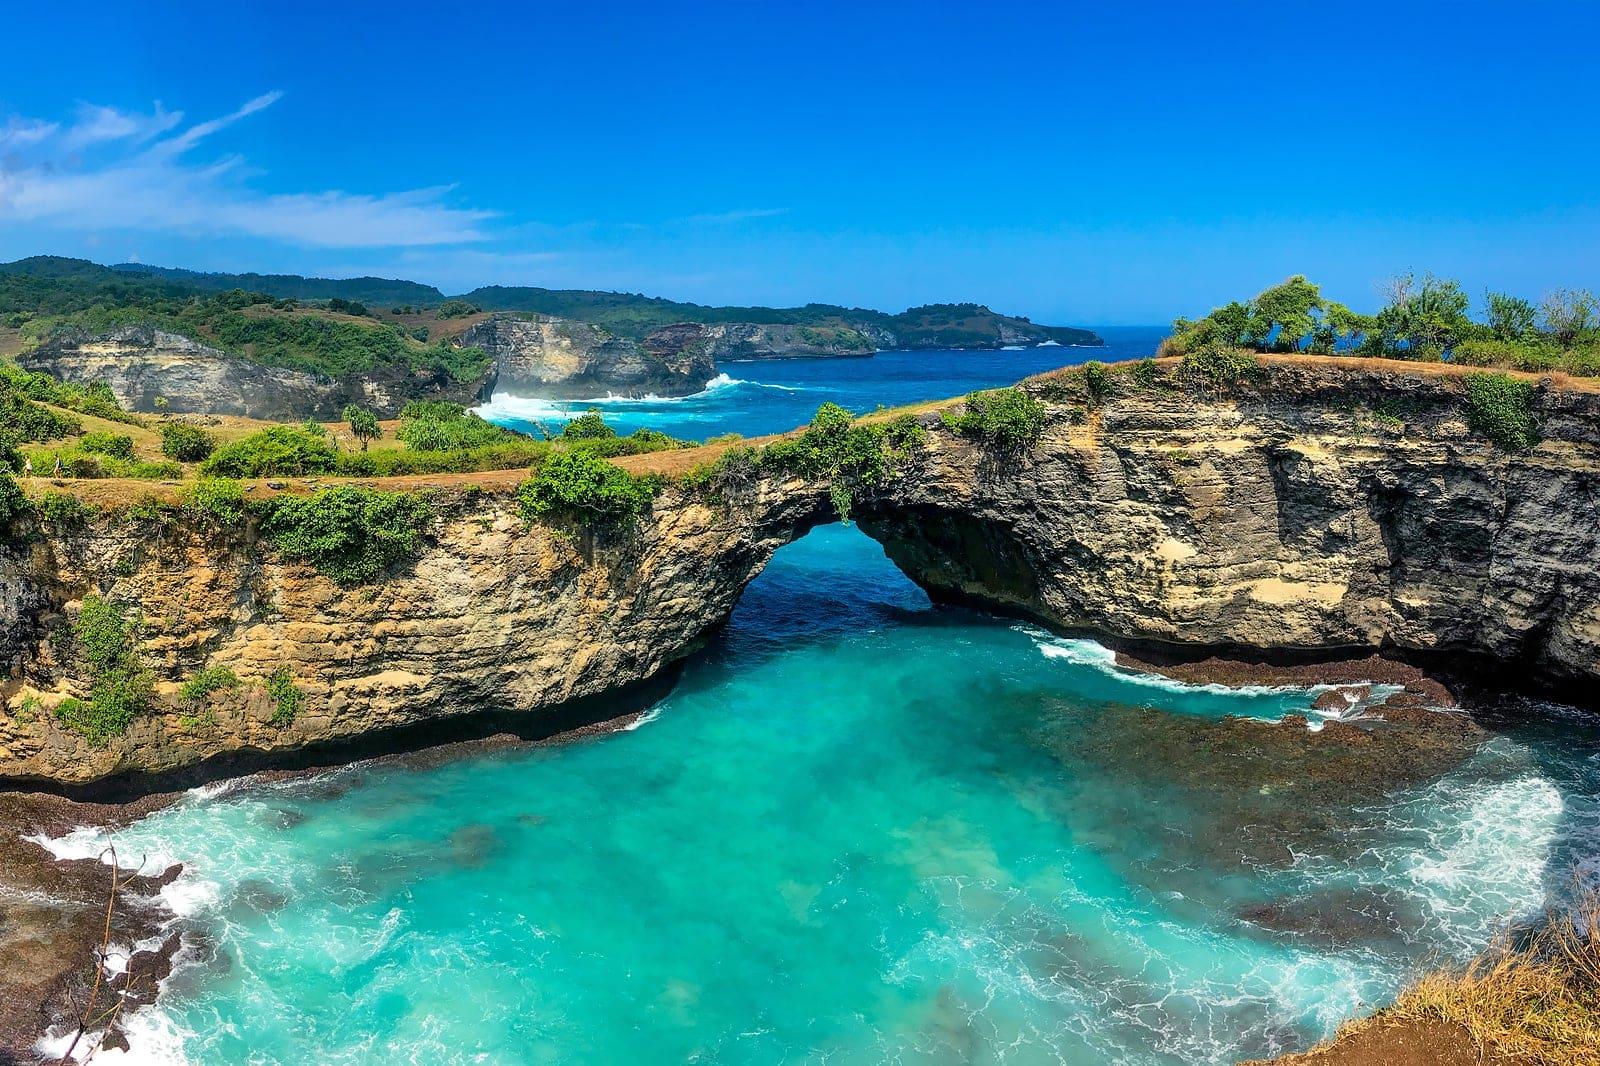 Bahía de Broken, Bali